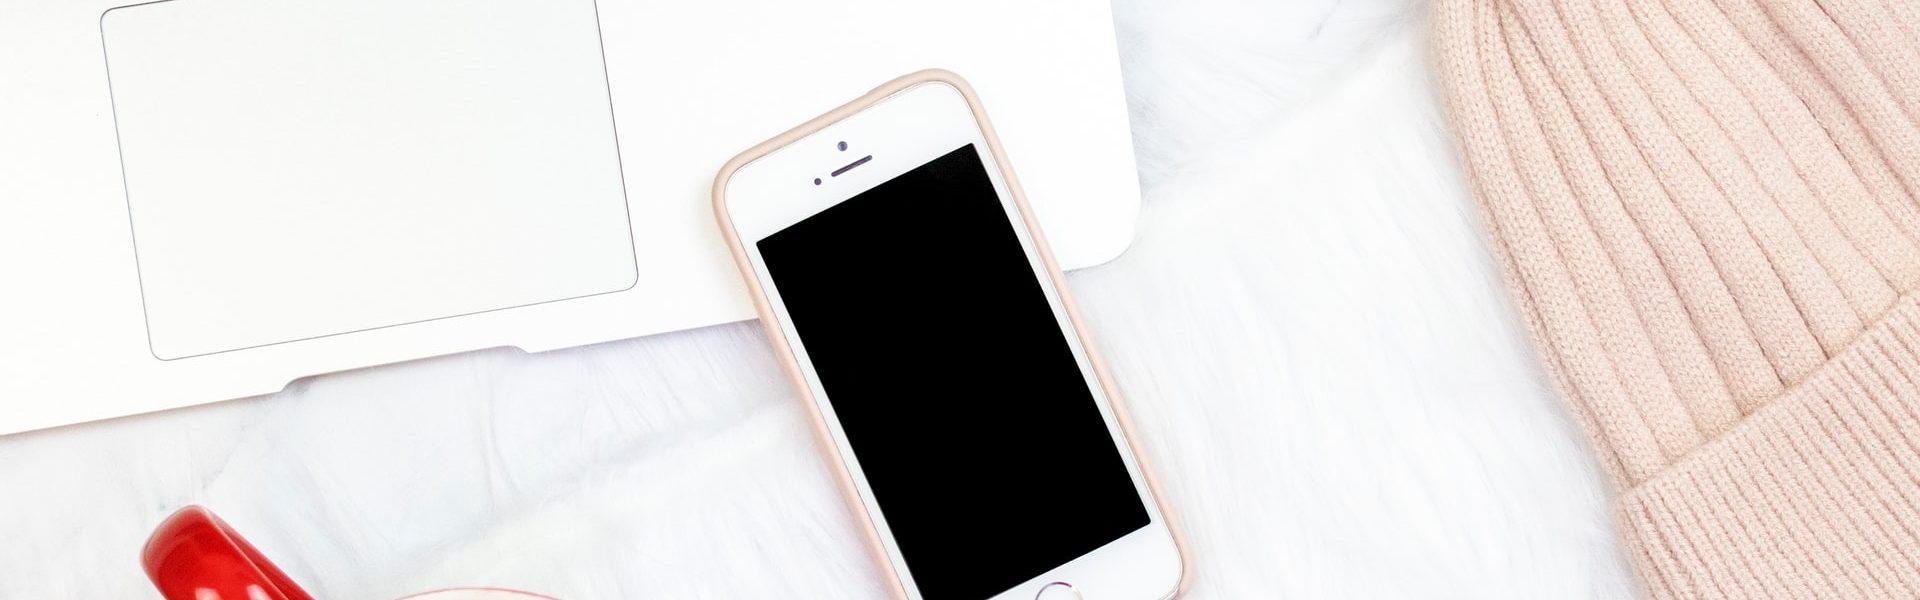 Phone1 Unsplash Medium